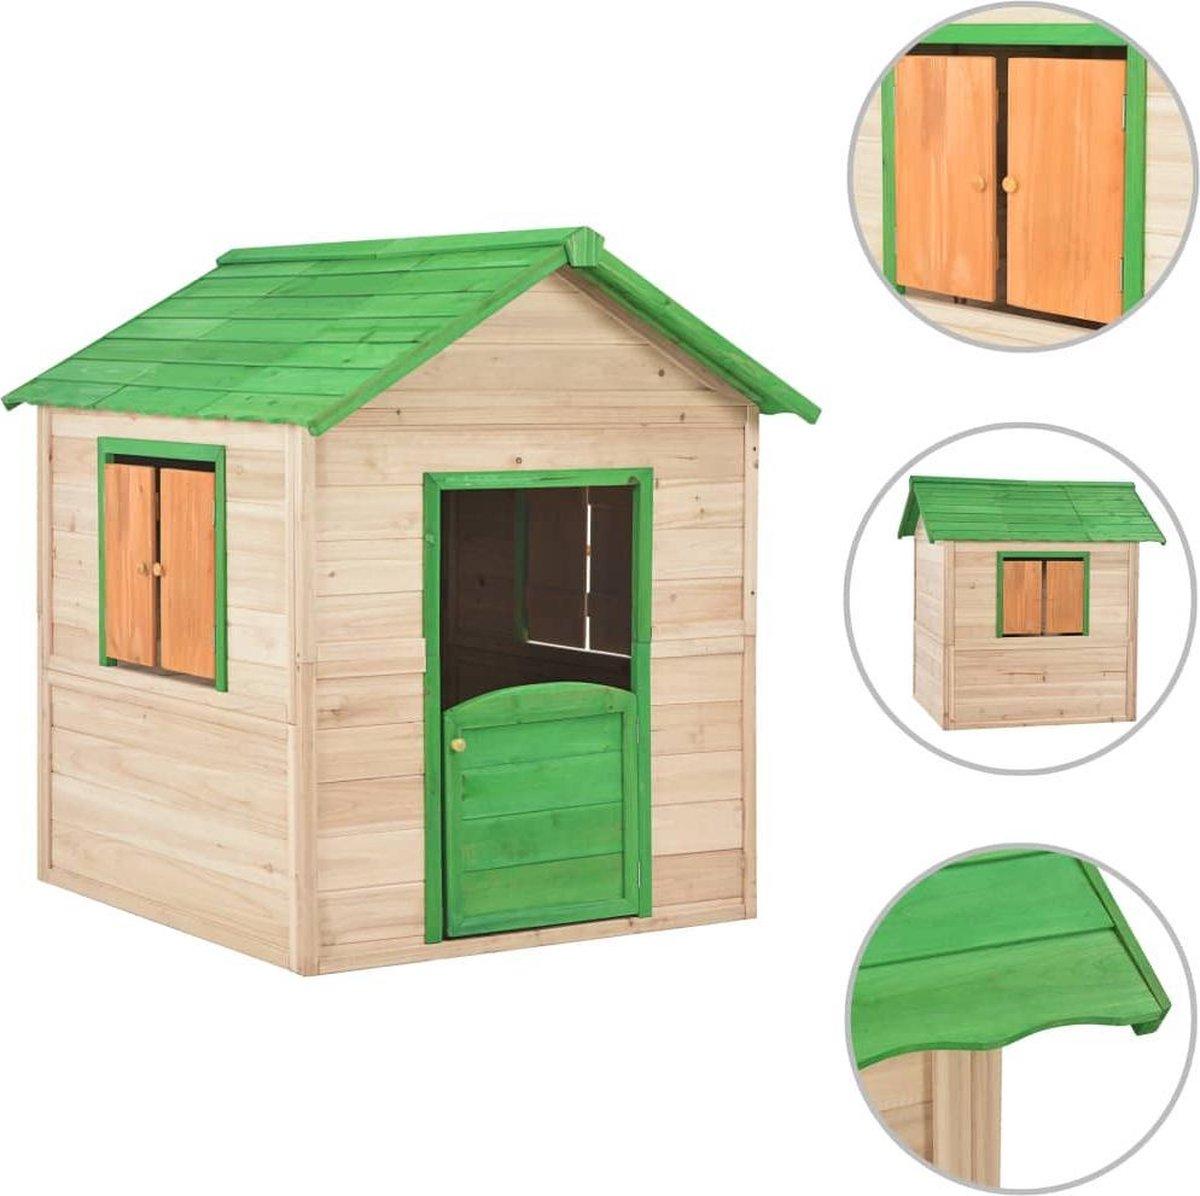 vidaXL Kinderspeelhuis vurenhout groen